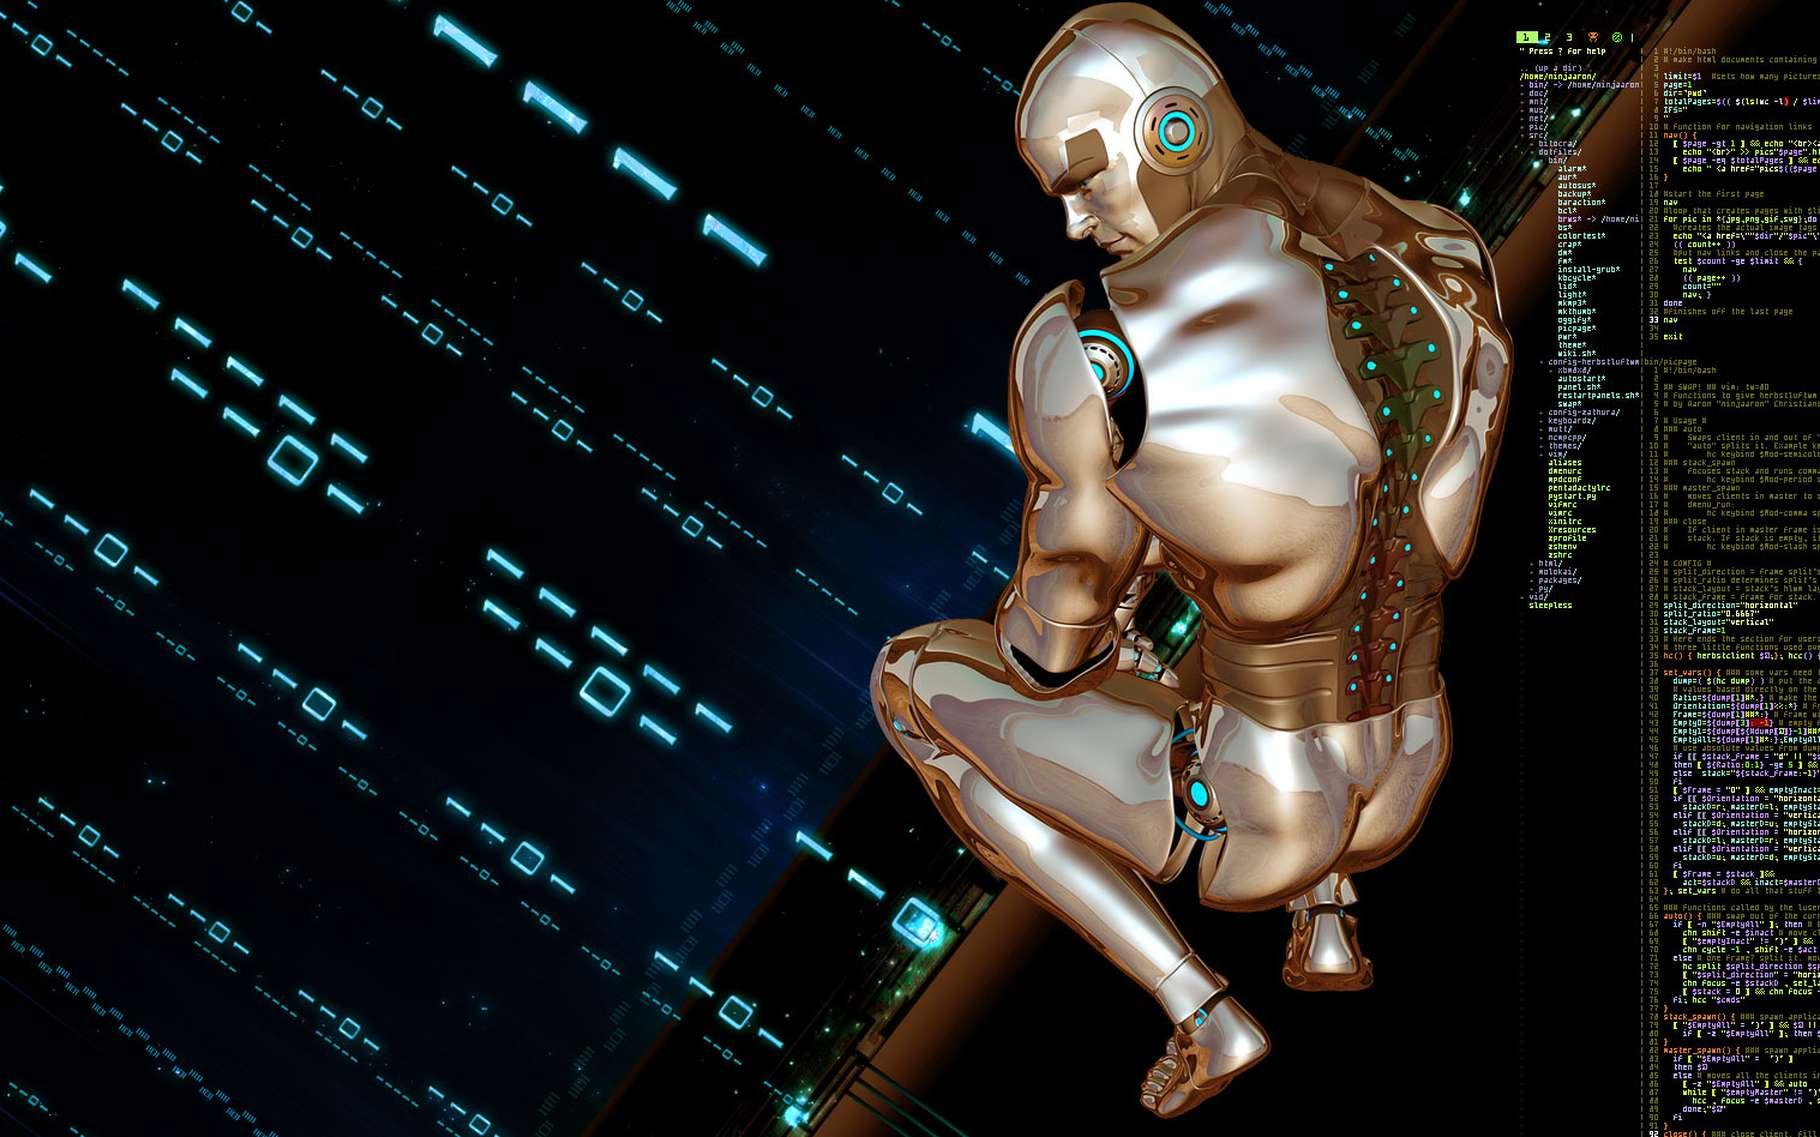 Comment mieux s'initier à la robotique qu'en fabriquant soi-même un robot ? © DR